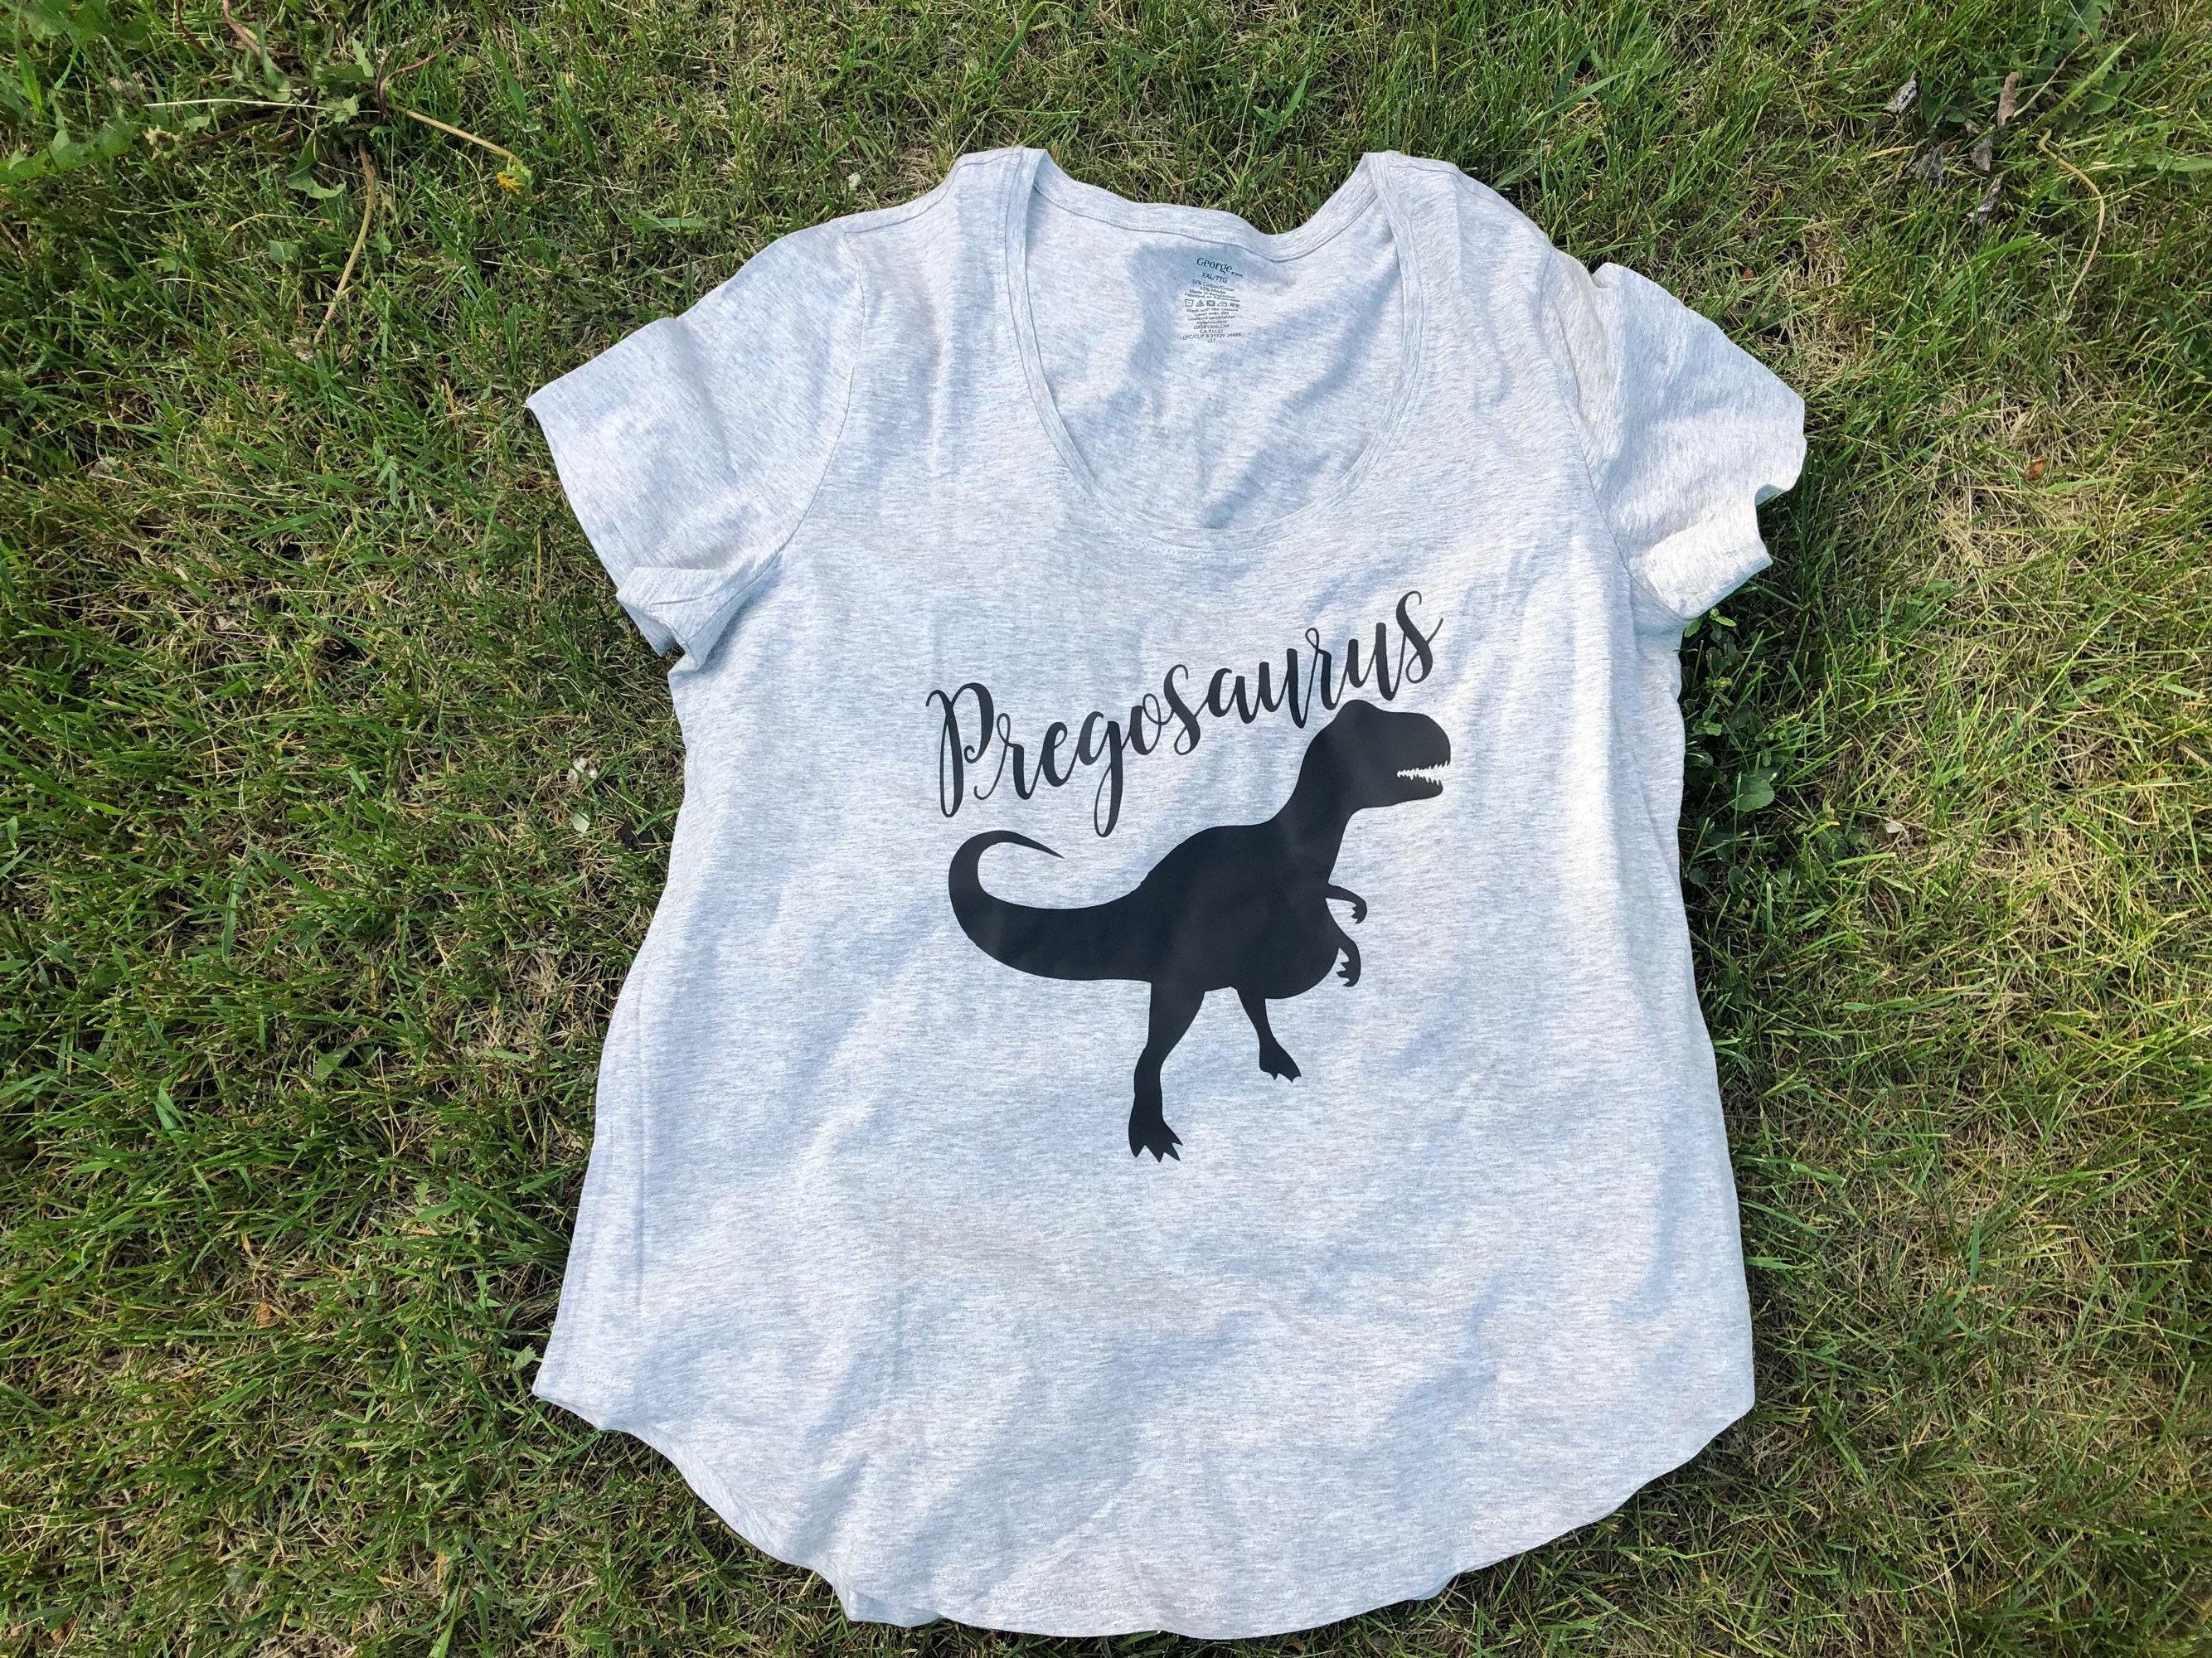 Pregosaurus Shirt Mama To Be Future Mom Baby Shower Gift Cute Birthday Present Mommy